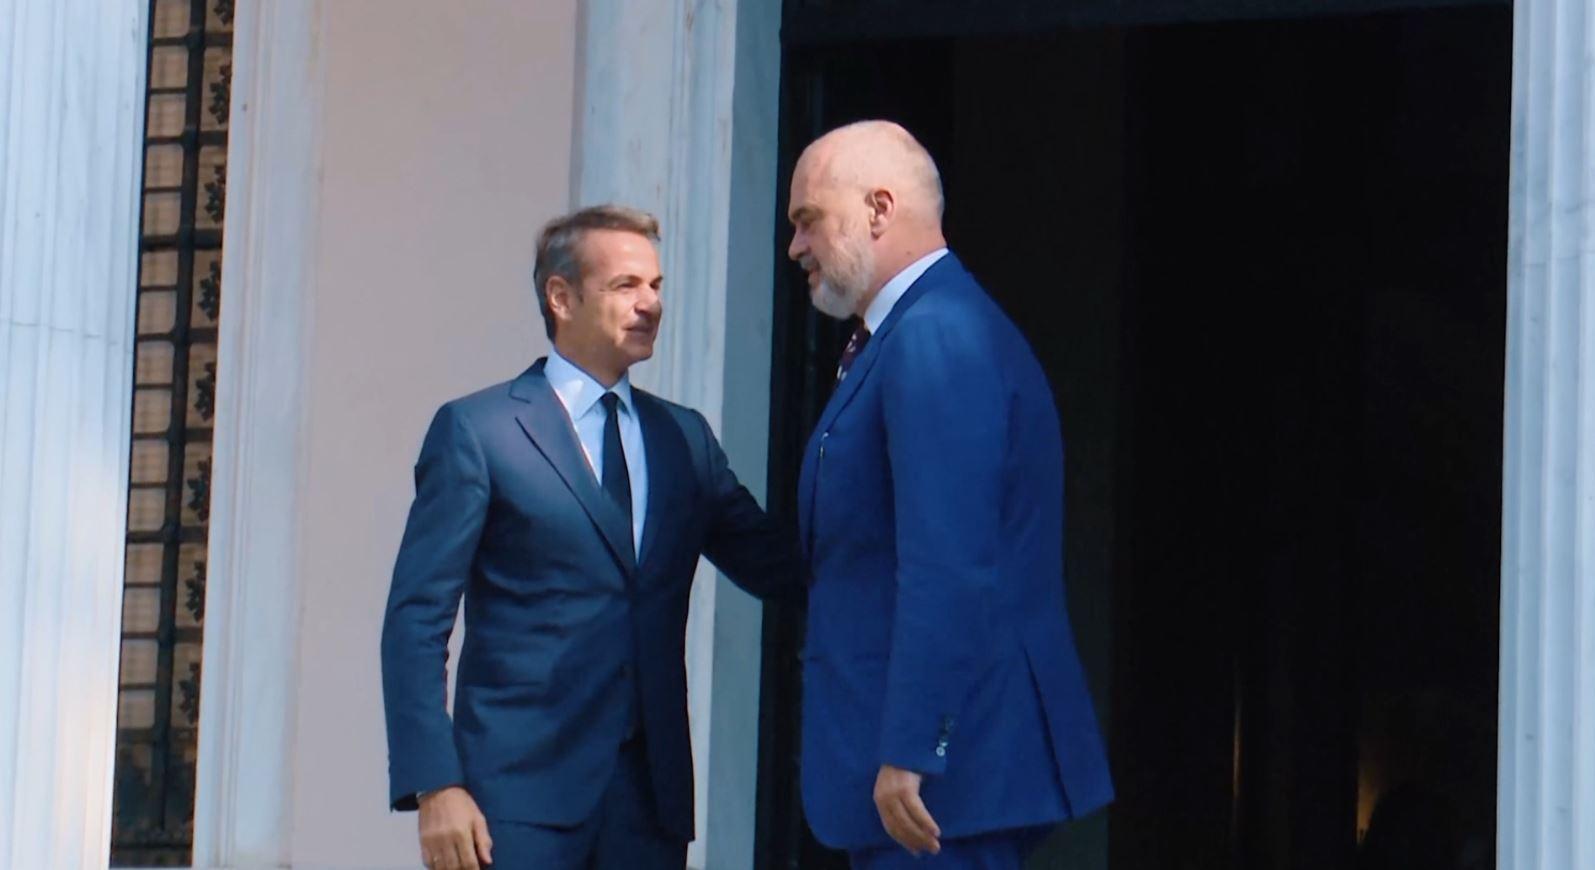 Kryeministri Rama në Greqi takohet me homologun Mitsotakis